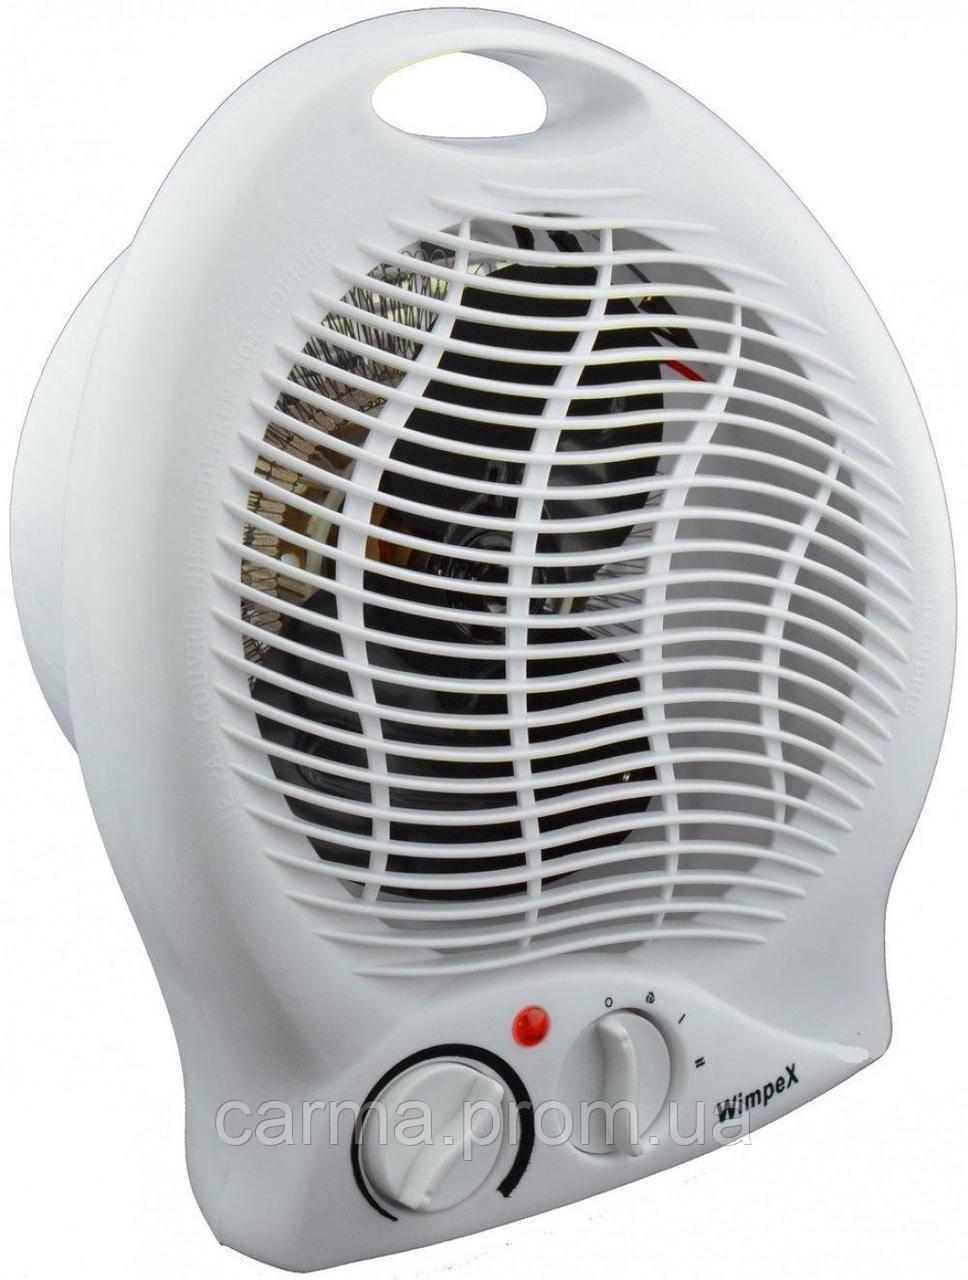 Тепловентилятор Wimpex WX 425